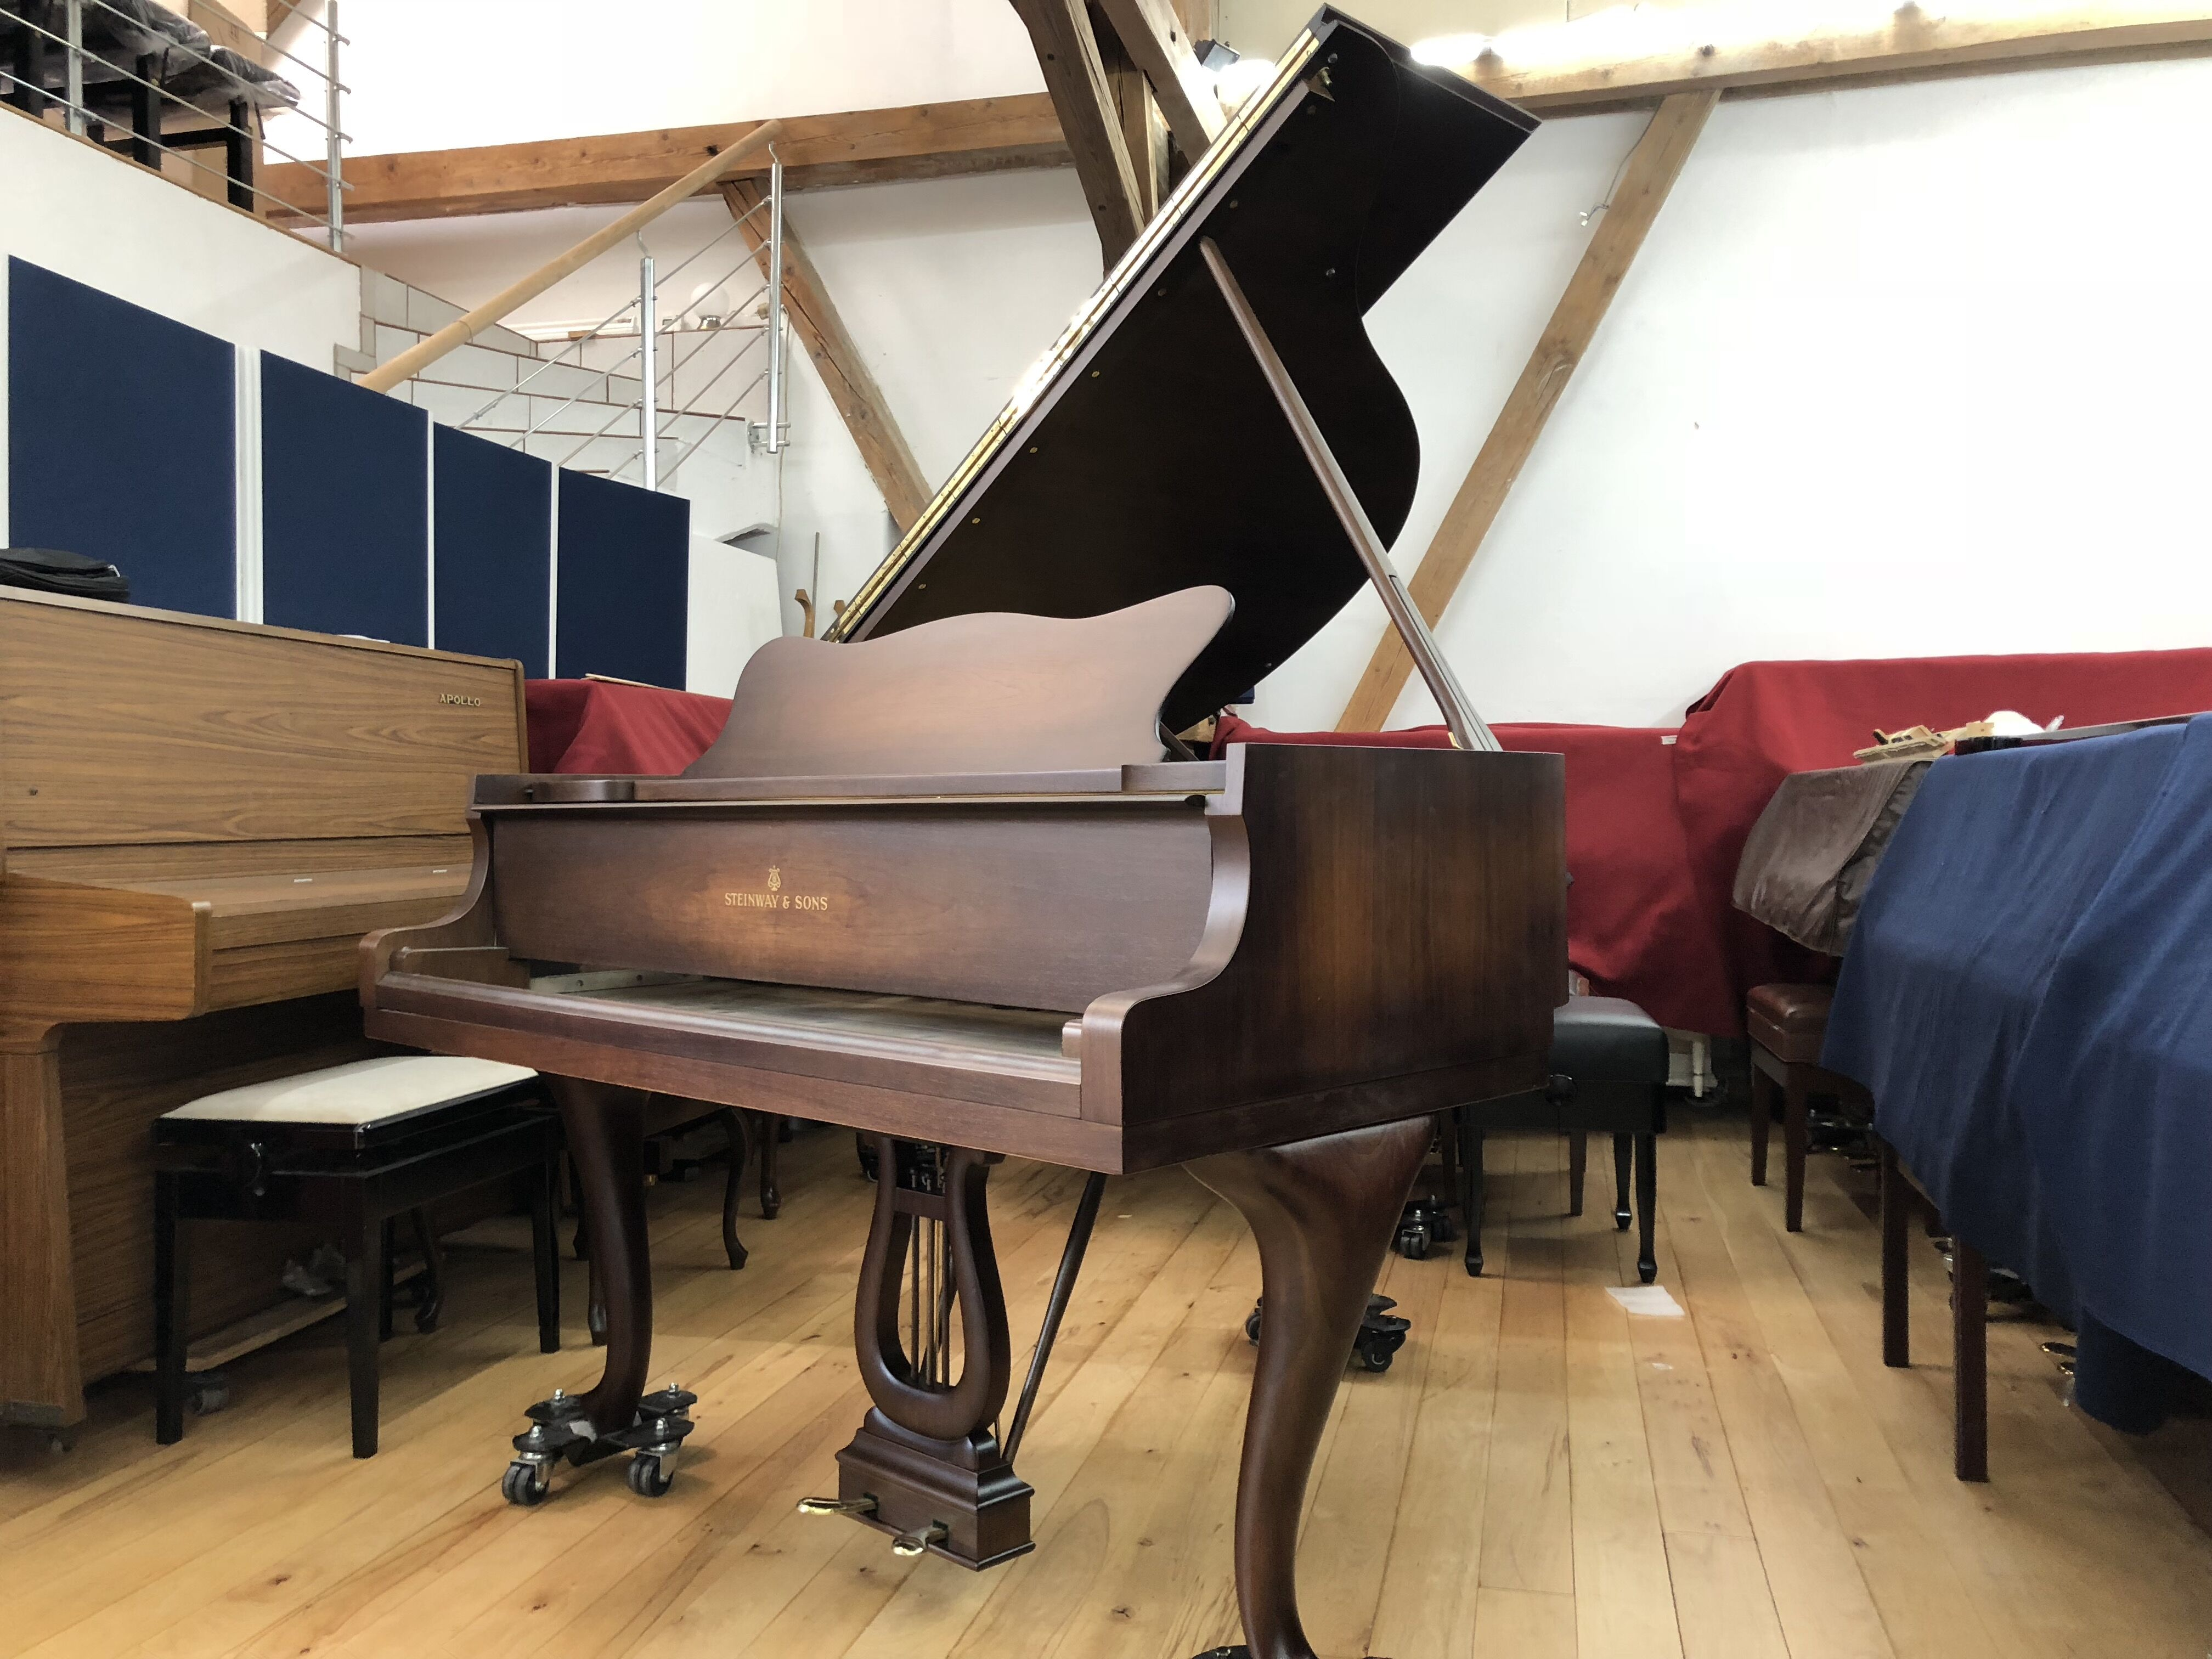 新取り扱いピアノのご紹介